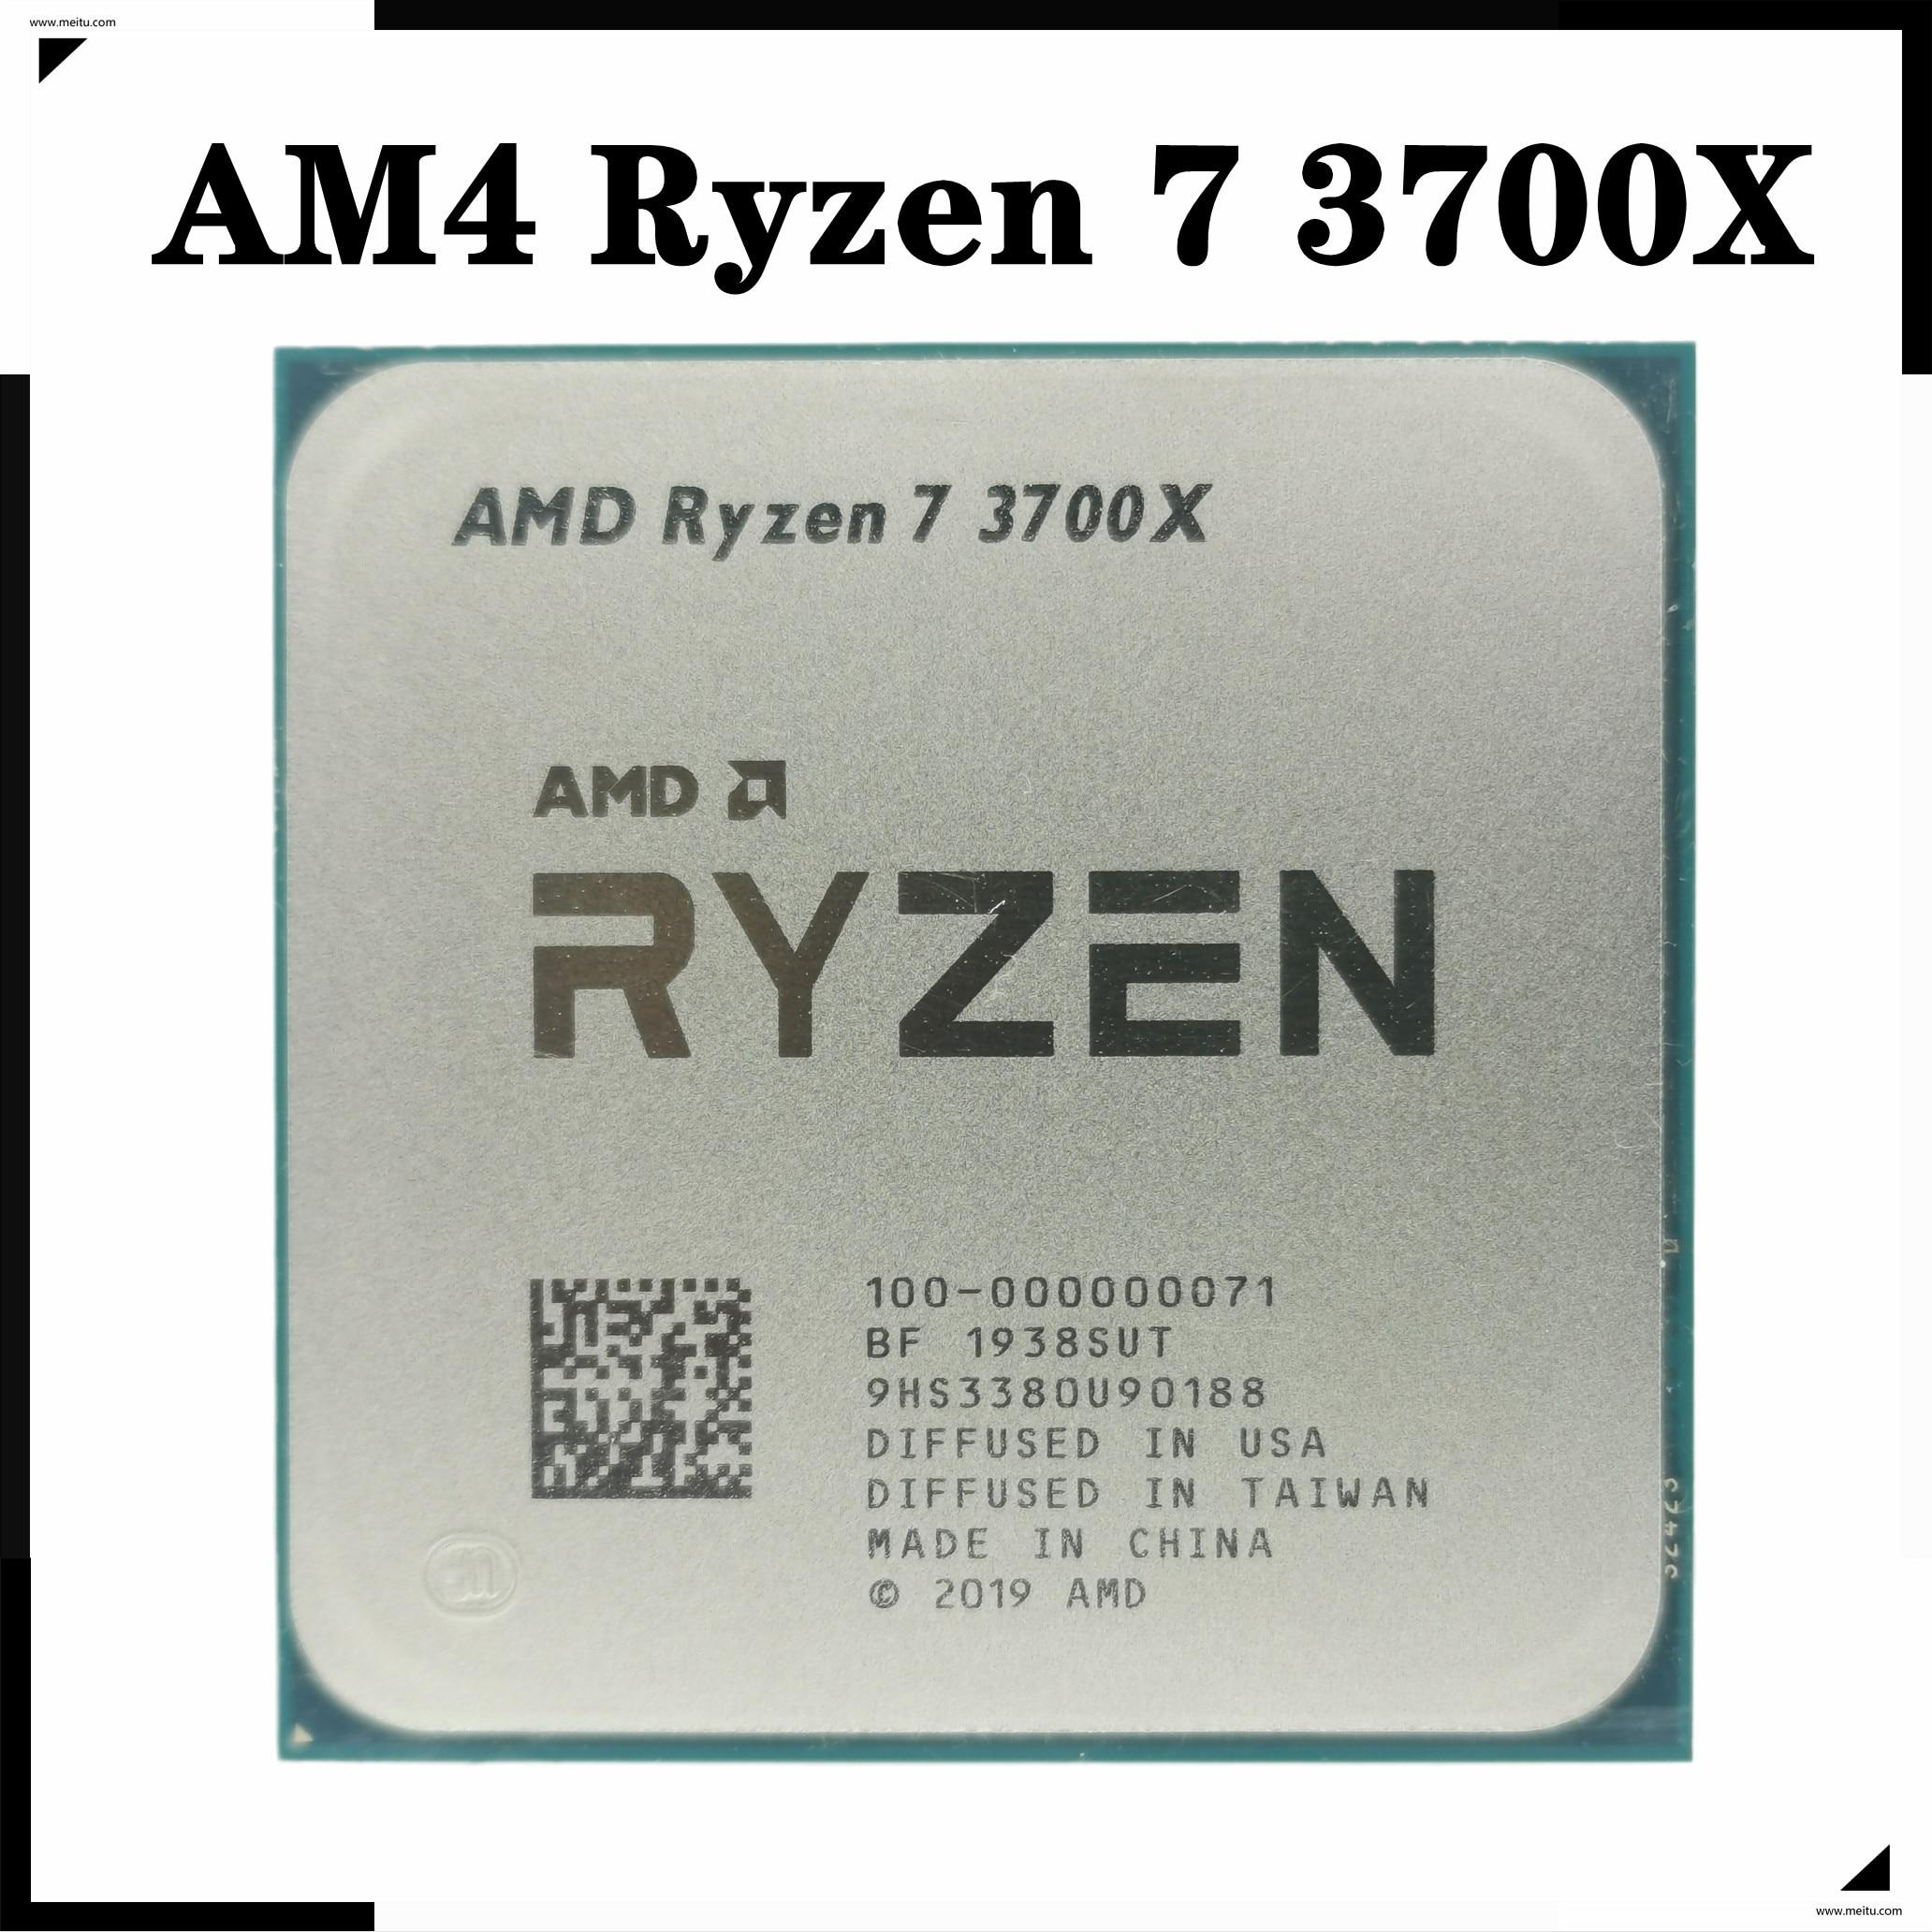 [해외] AMD Ryzen 7 3700X R7 3700X 3.6 GHz 8 코어 16 스레드 CPU 프로세서 65W 7NM L3 = 32M 100-000000071 소켓 AM4